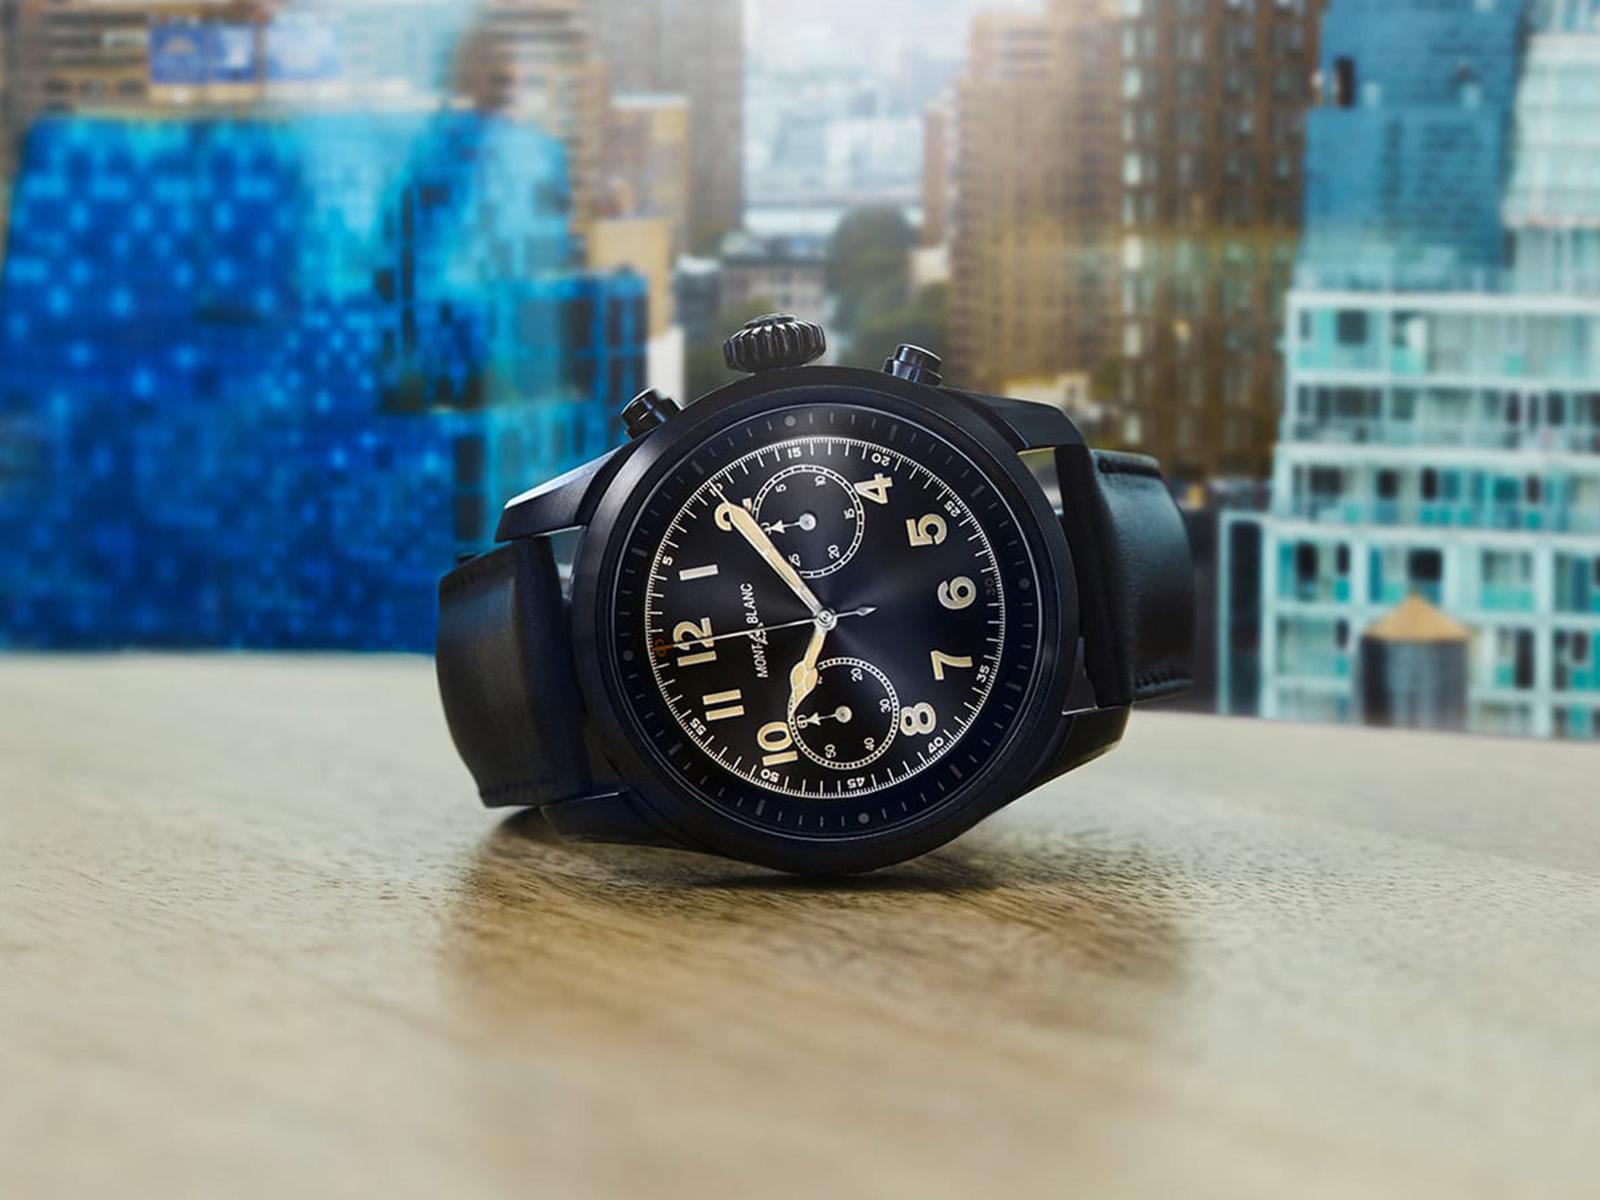 montblanc-summit-2-smartwatch-2-.jpg